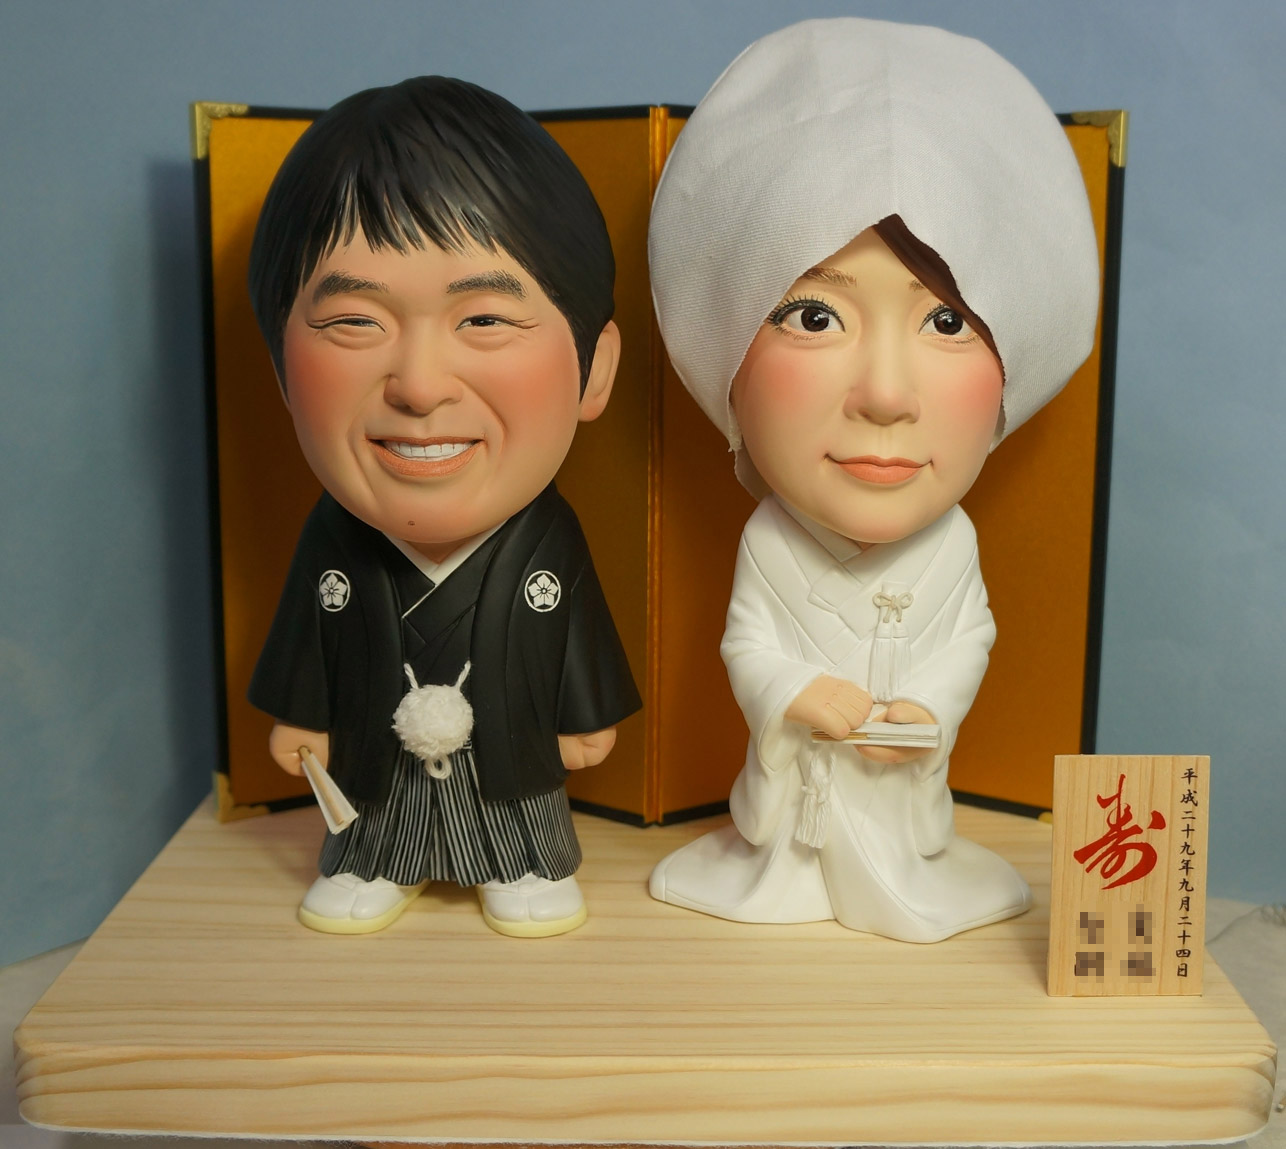 ウェルカムドール・素敵な和装・脱着式綿帽子-そっくり人形参考作品例-60-1